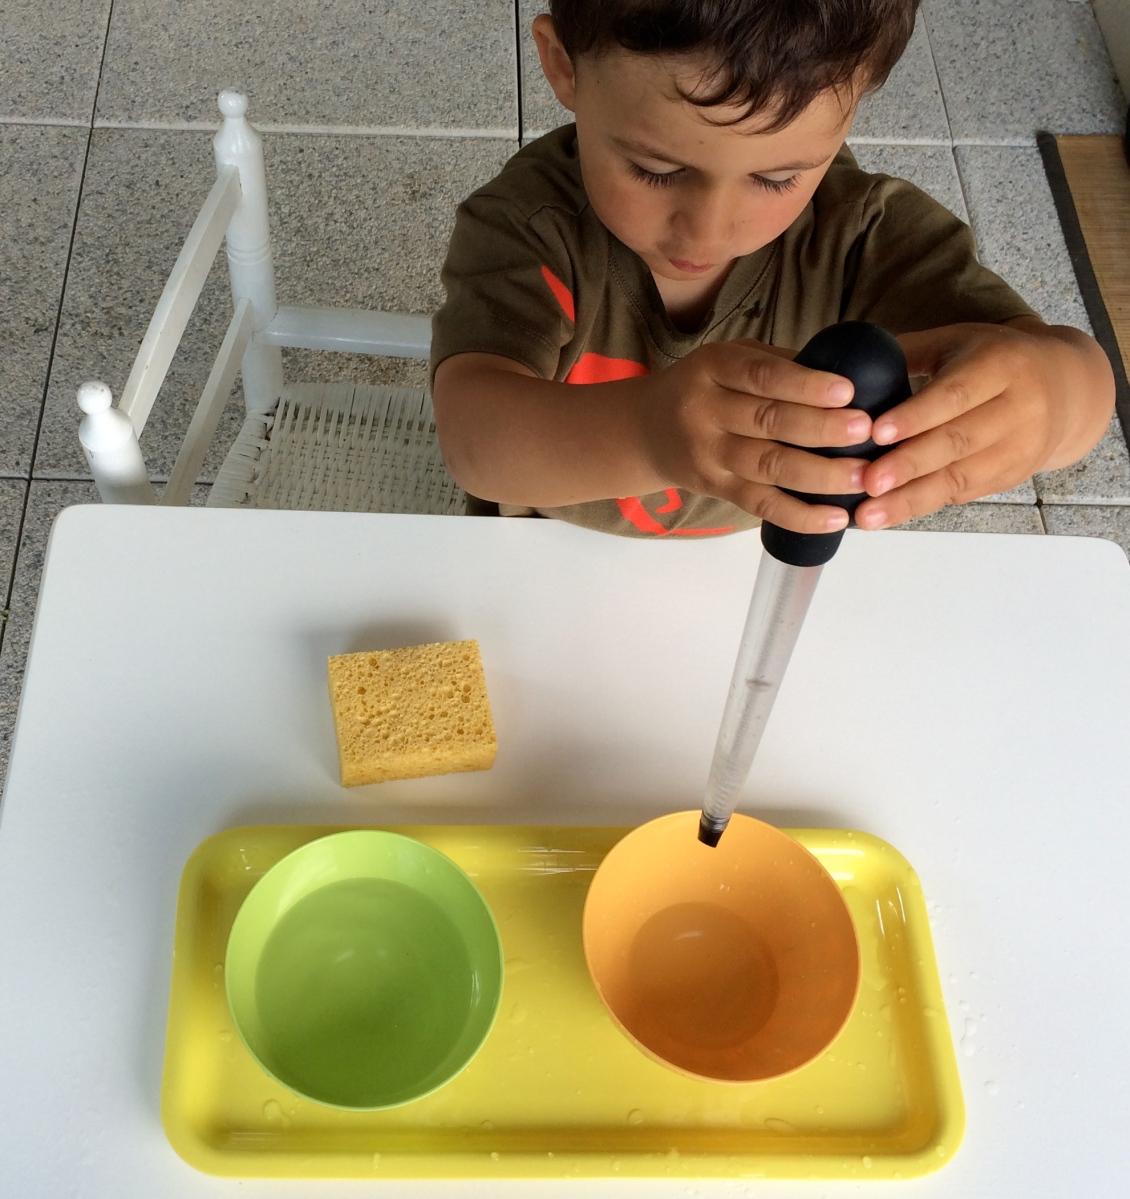 L'Activité Montessori du Jour : transvaser de l'eau - la poire à sauce